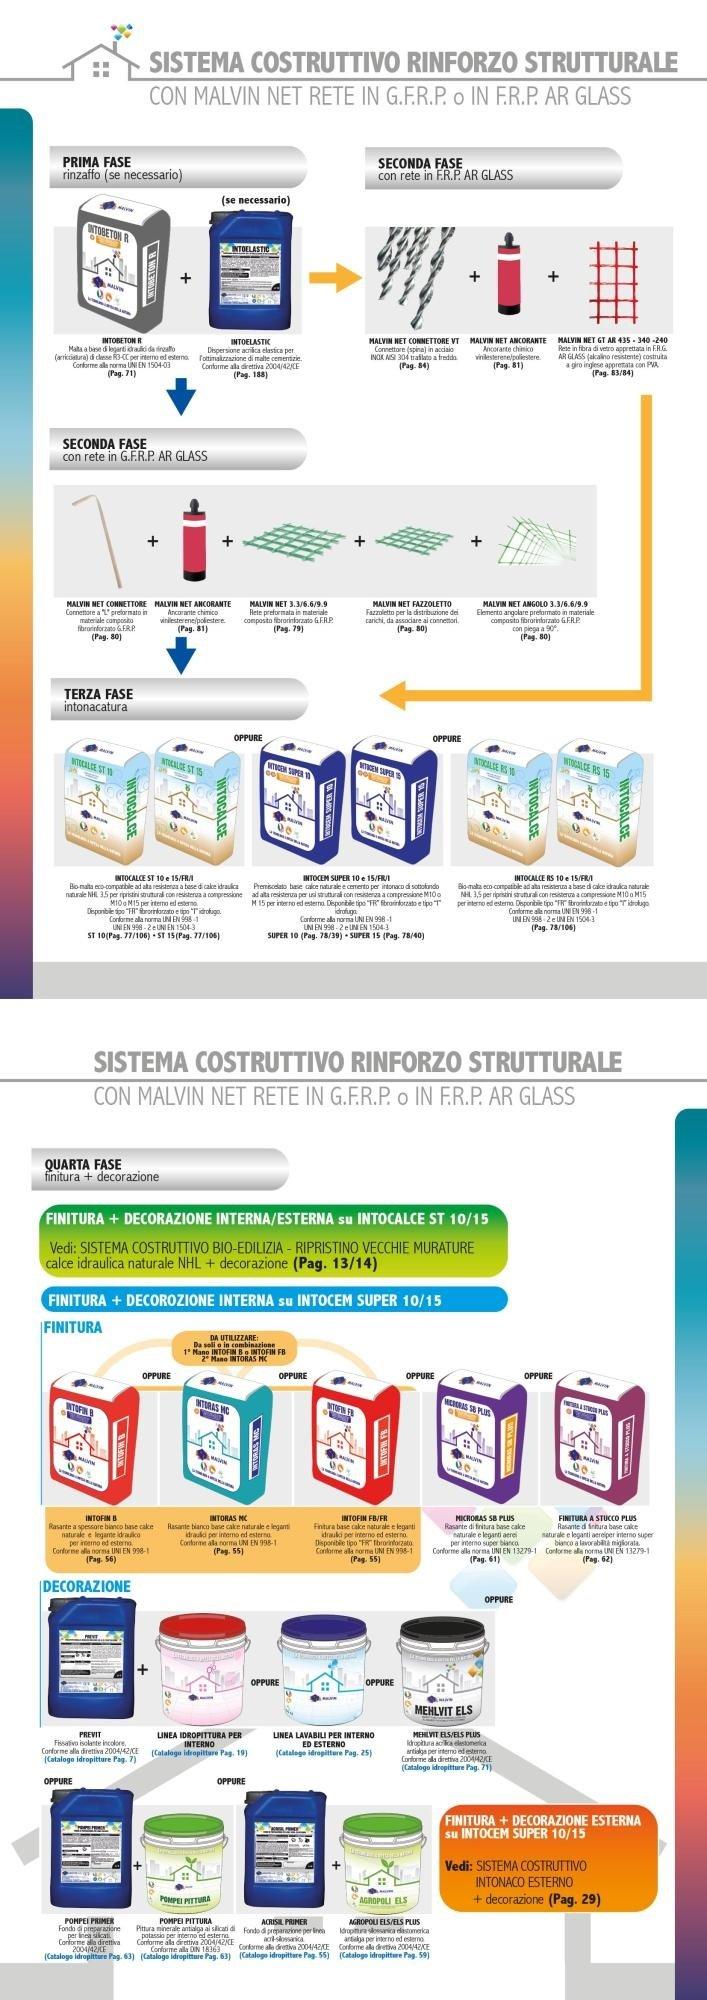 Sistema Costruttivo Rinforzo Strutturale